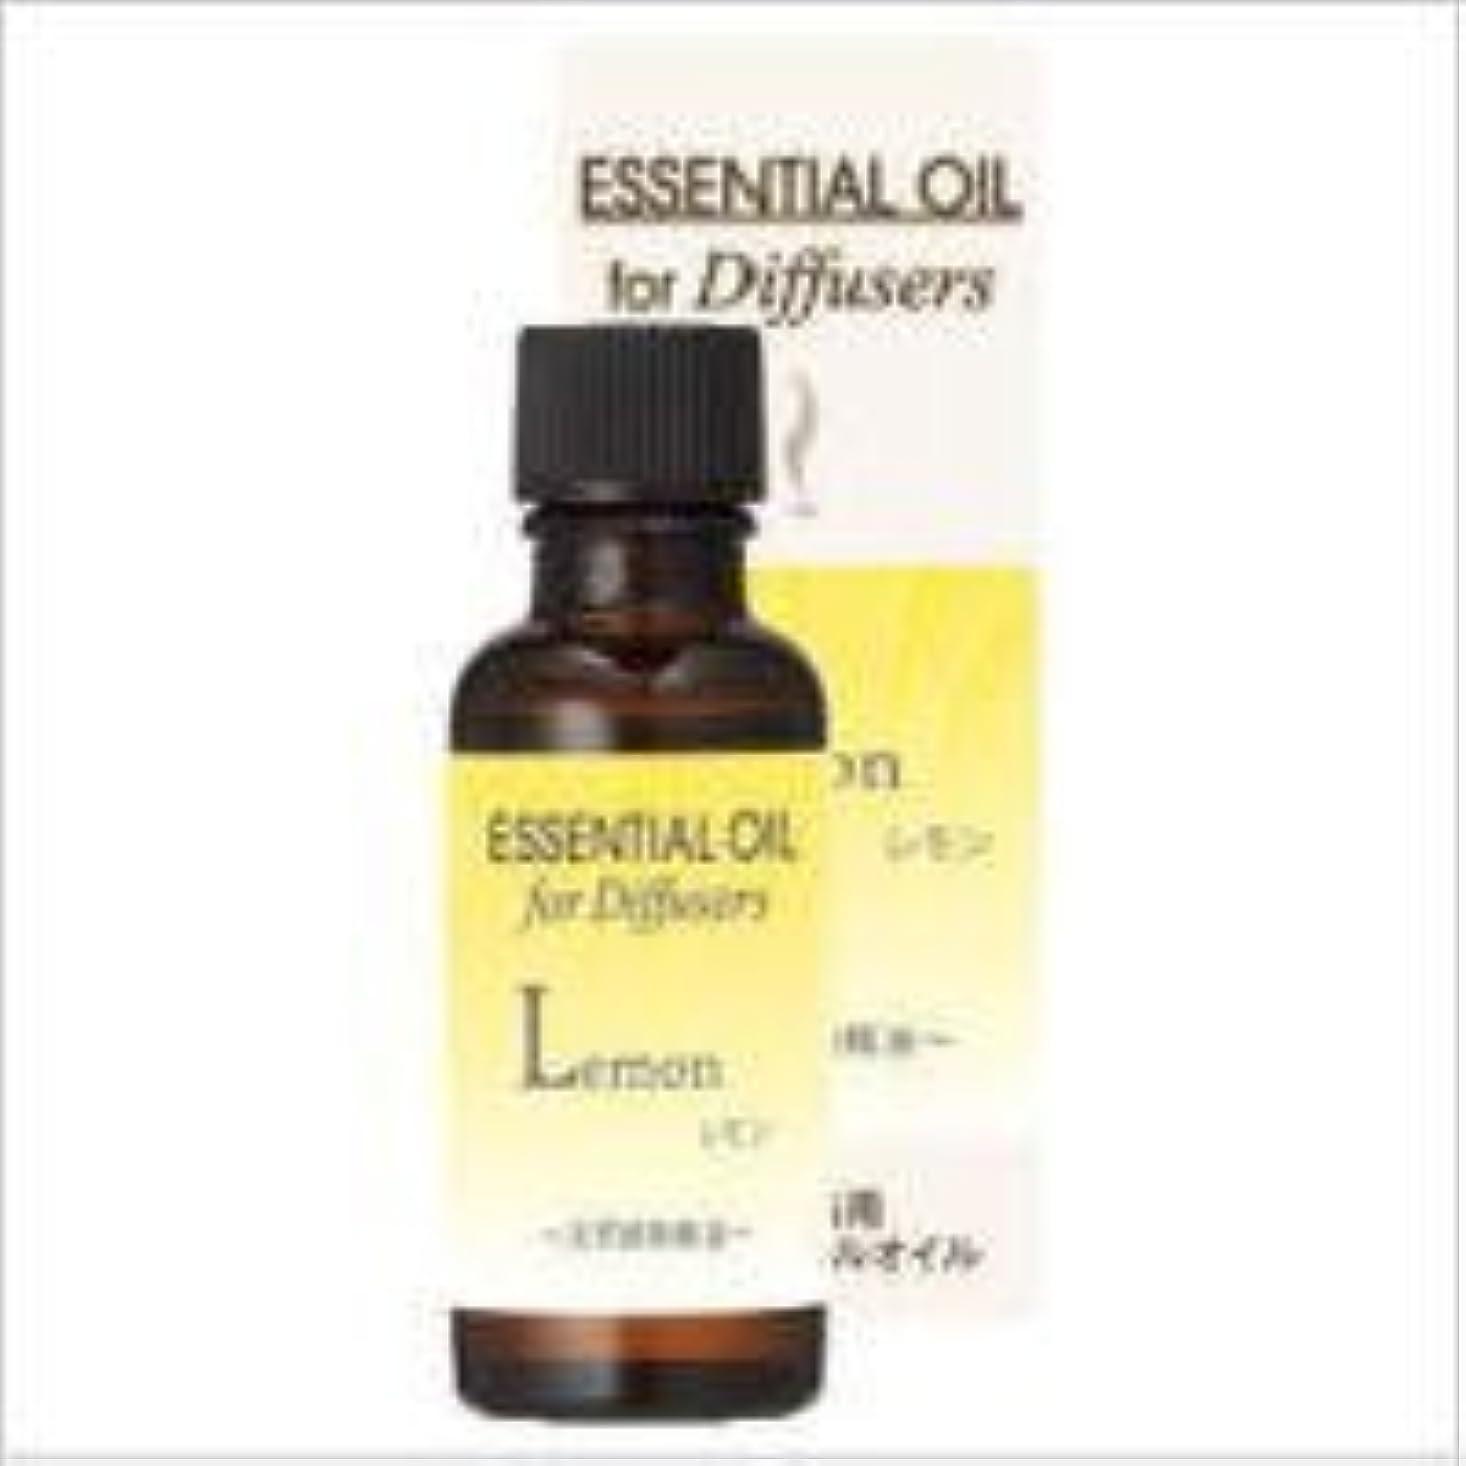 レモン魅惑的な栄光の生活の木 芳香浴用エッセンシャルオイル レモン[30ml] エッセンシャルオイル/精油